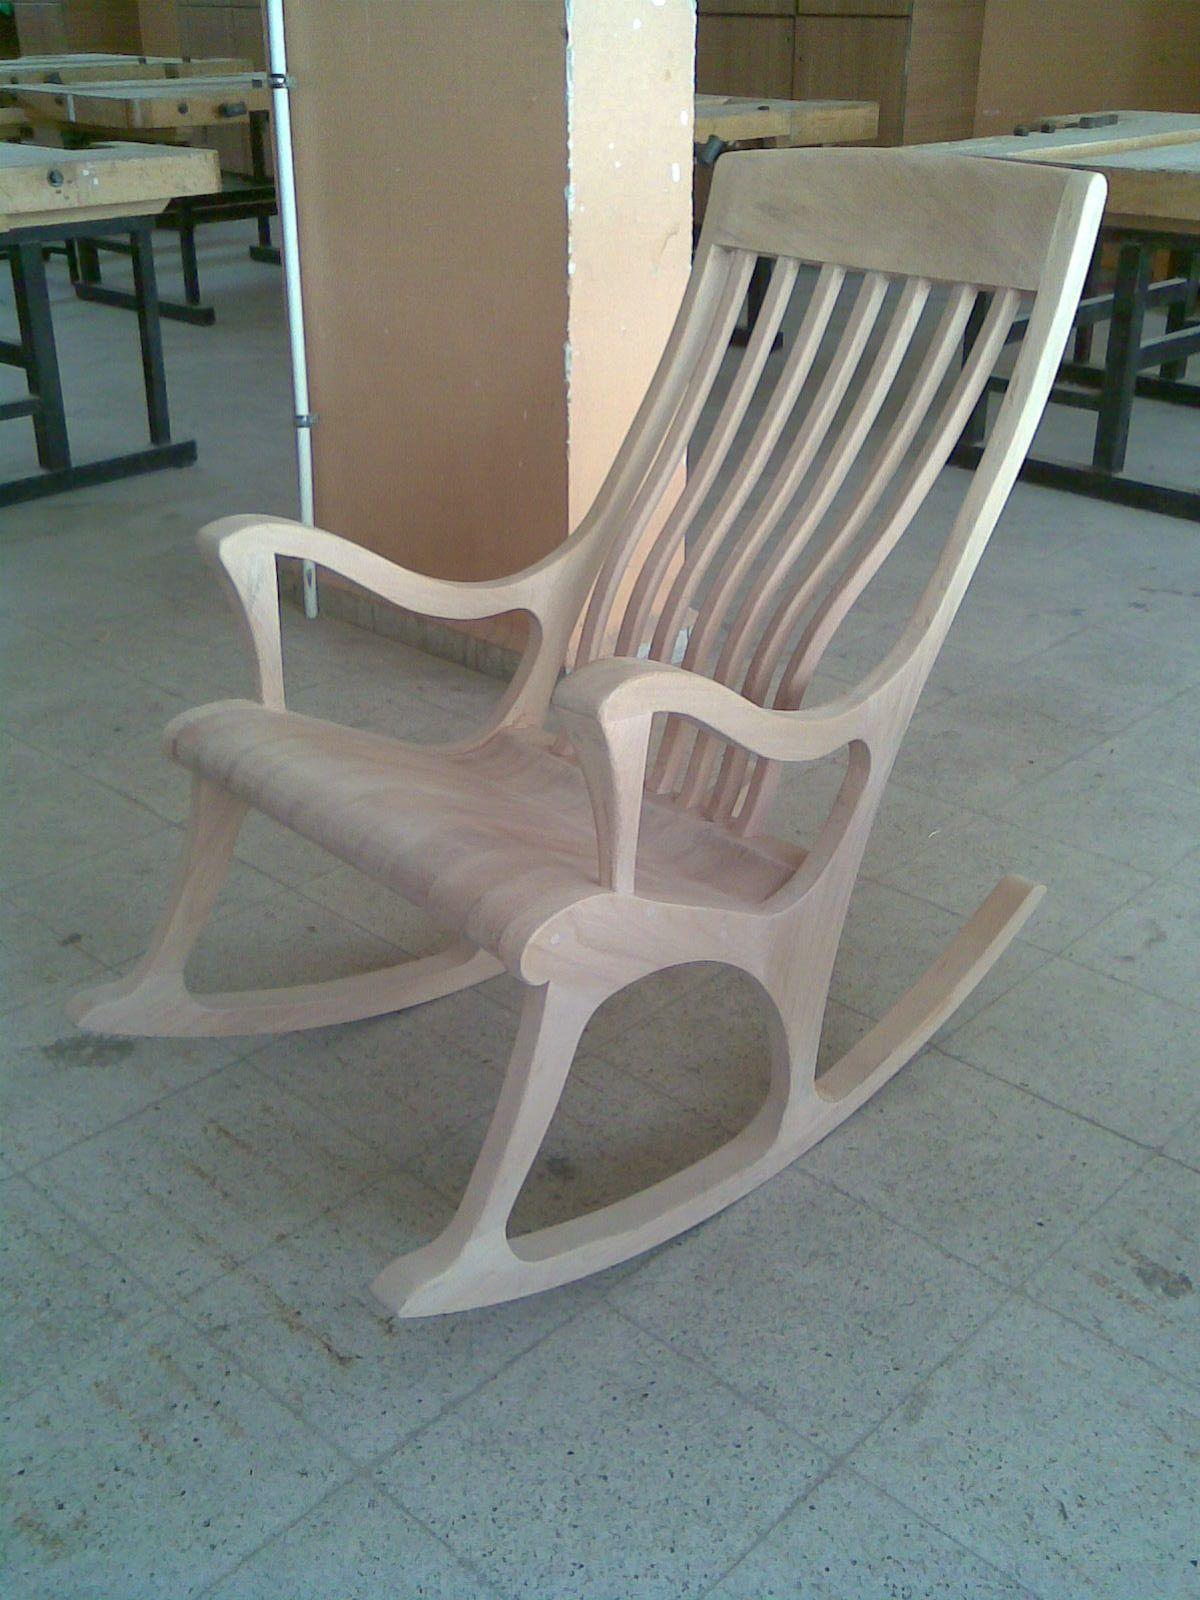 Rocking Chair Wooden Cadeiras De Balanco De Madeira Moveis Madeira Macica Sofa De Madeira